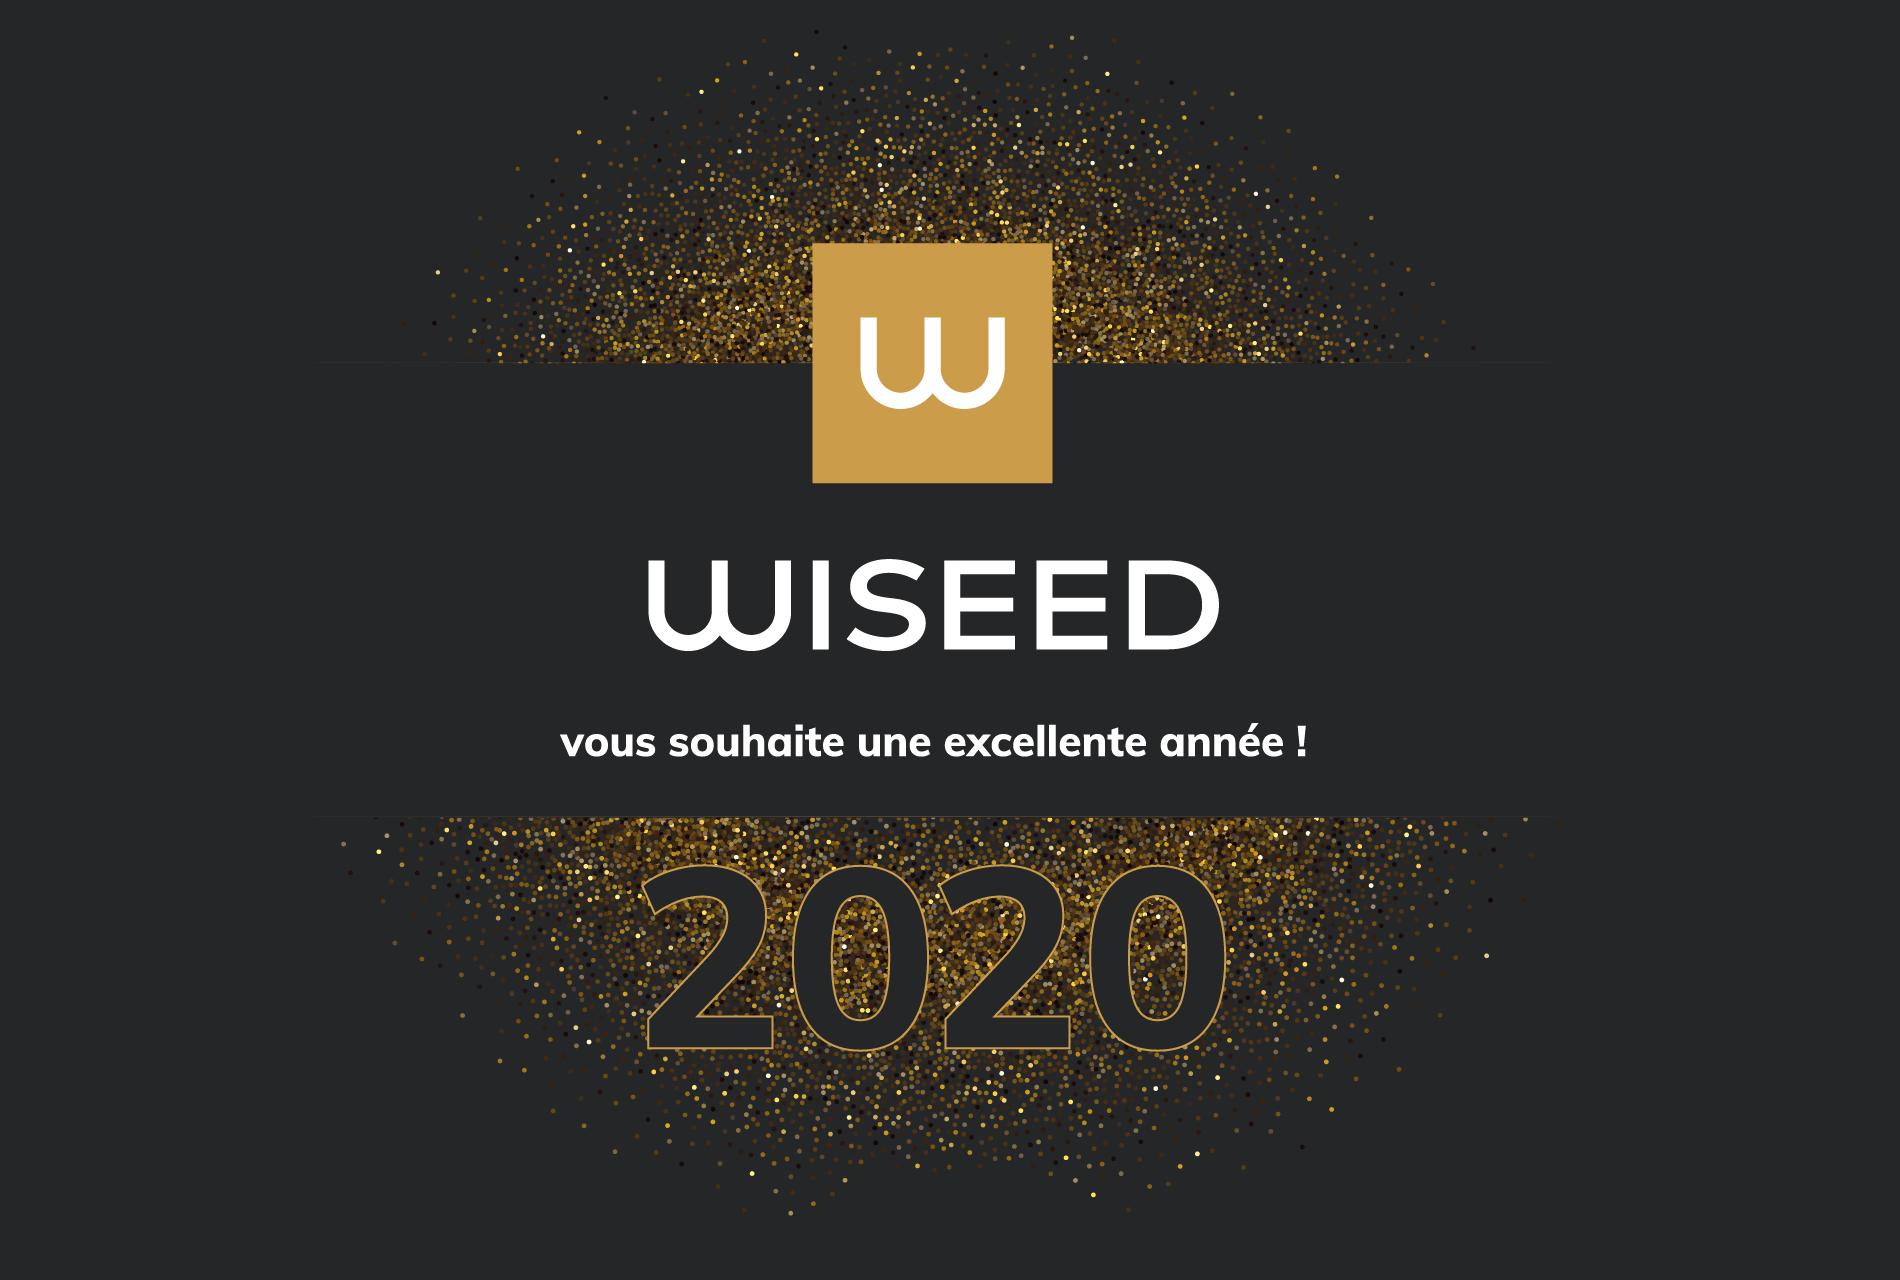 Merci pour la confiance que vous nous accordez ! : Très belle et heureuse année 2020 !